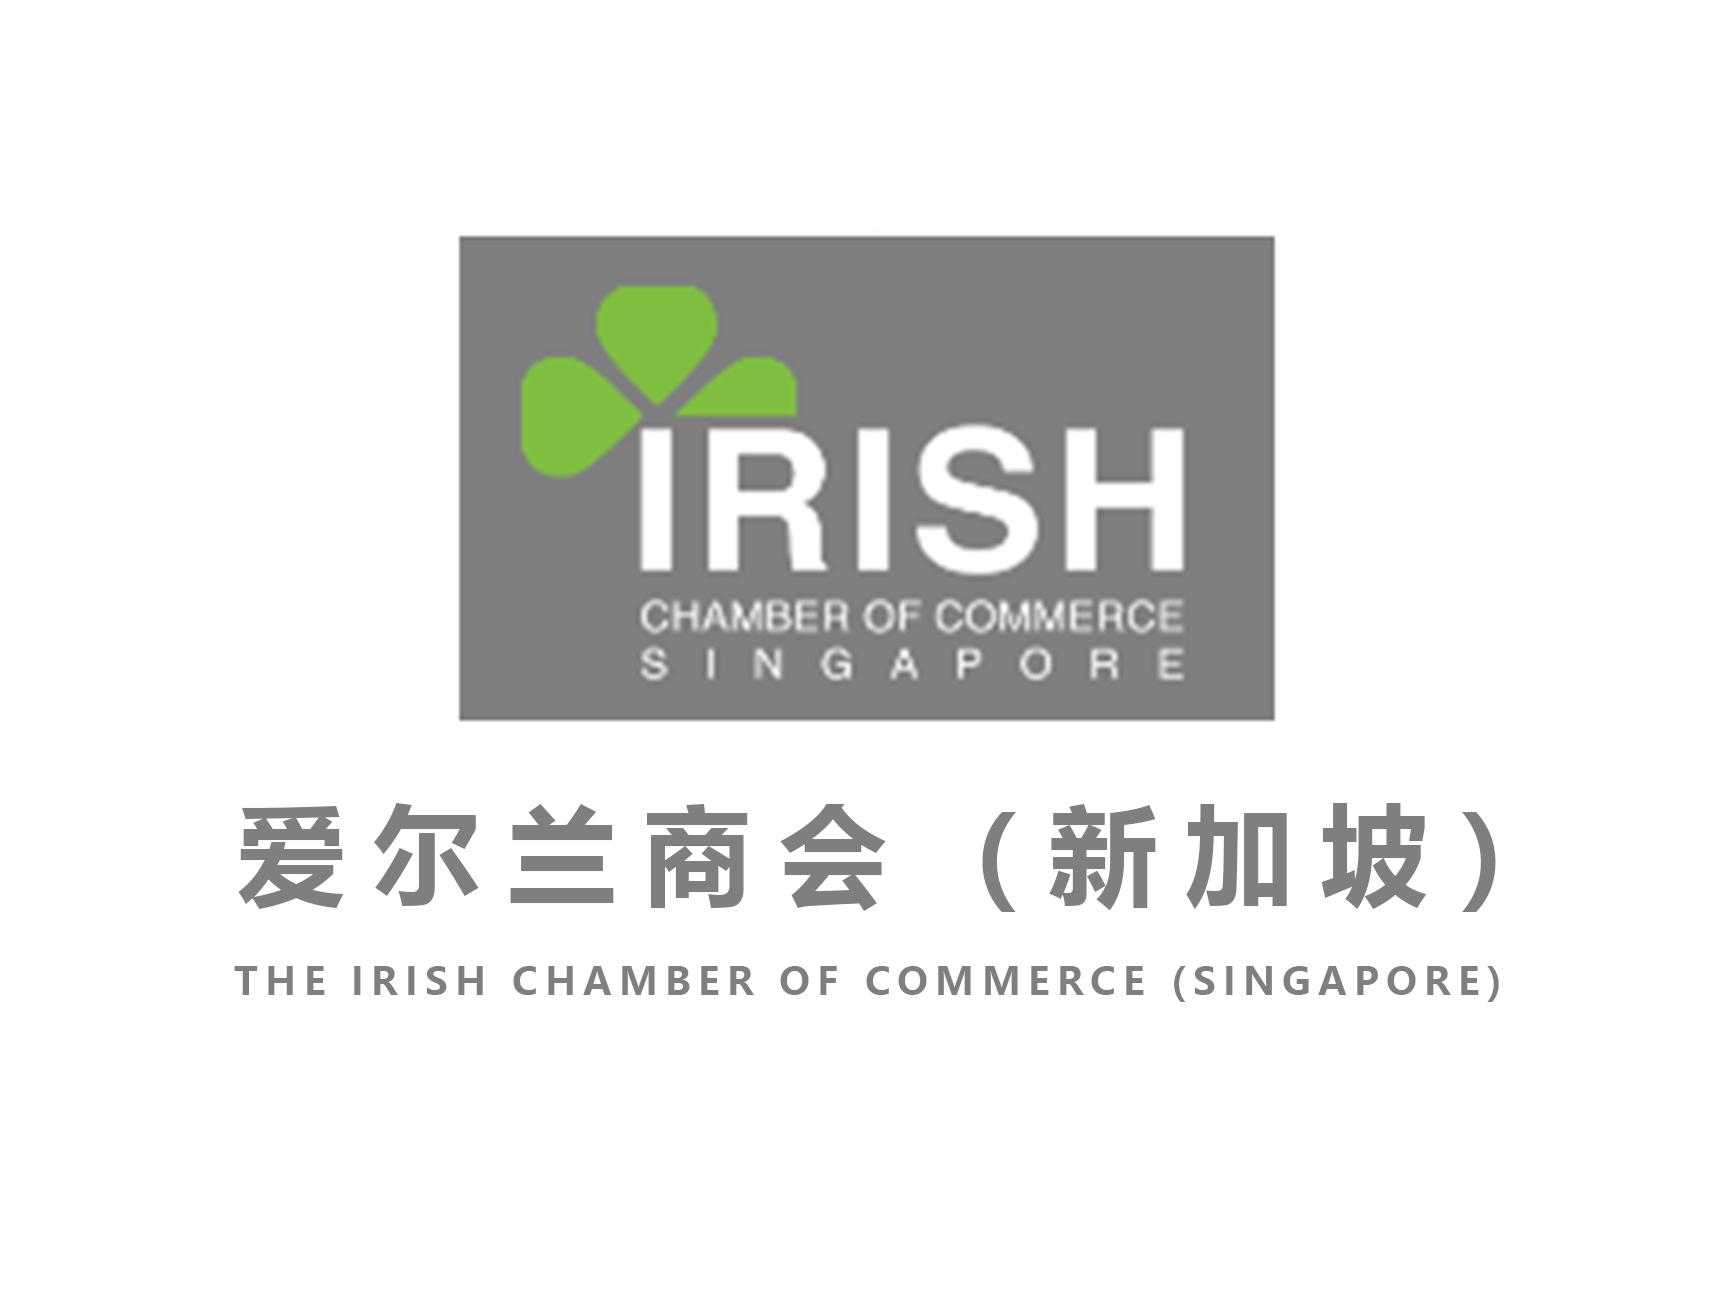 爱尔兰商会(新加坡)